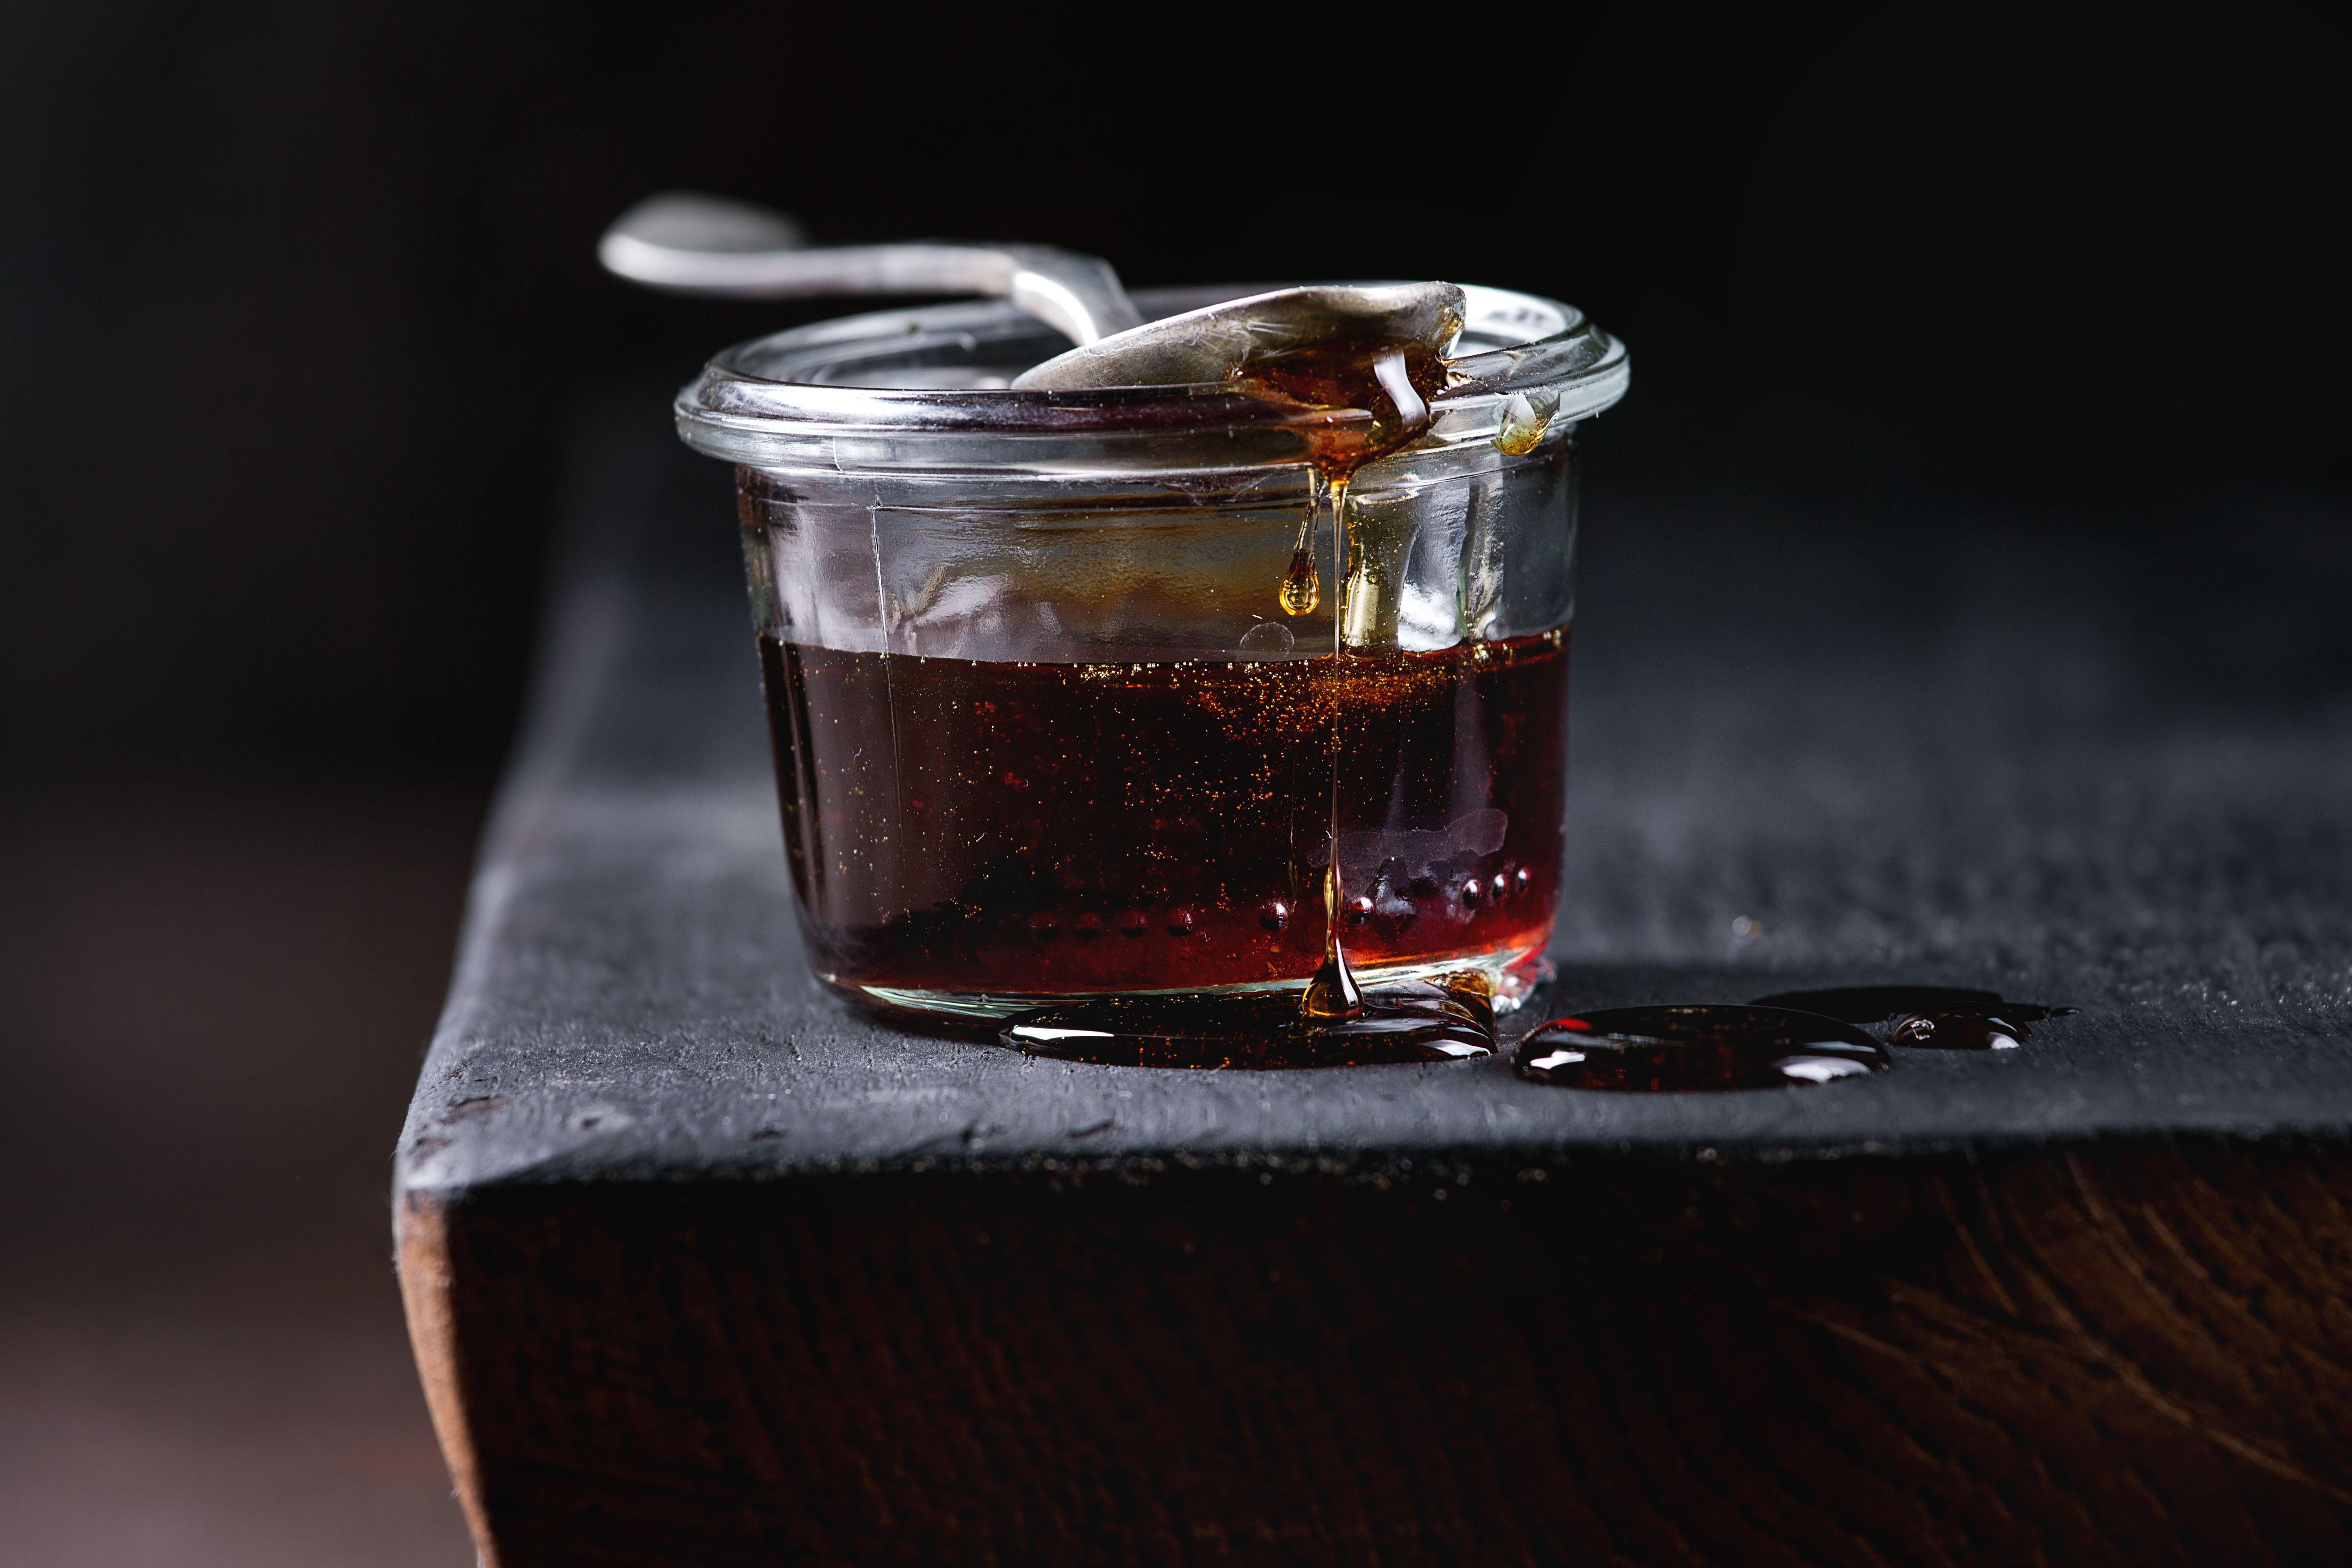 dark liquid in jar